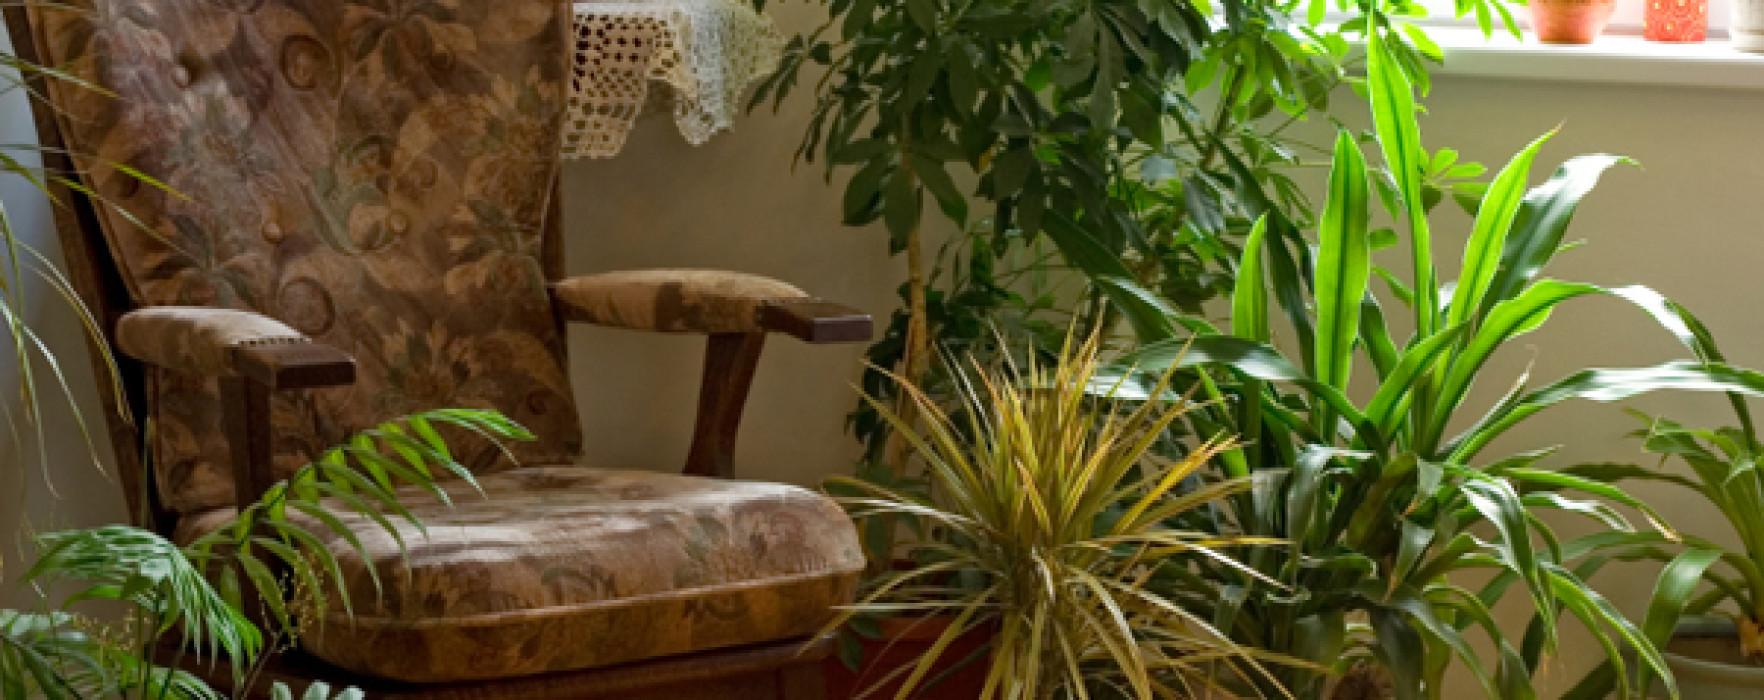 8 plante care purifică aerul din casa